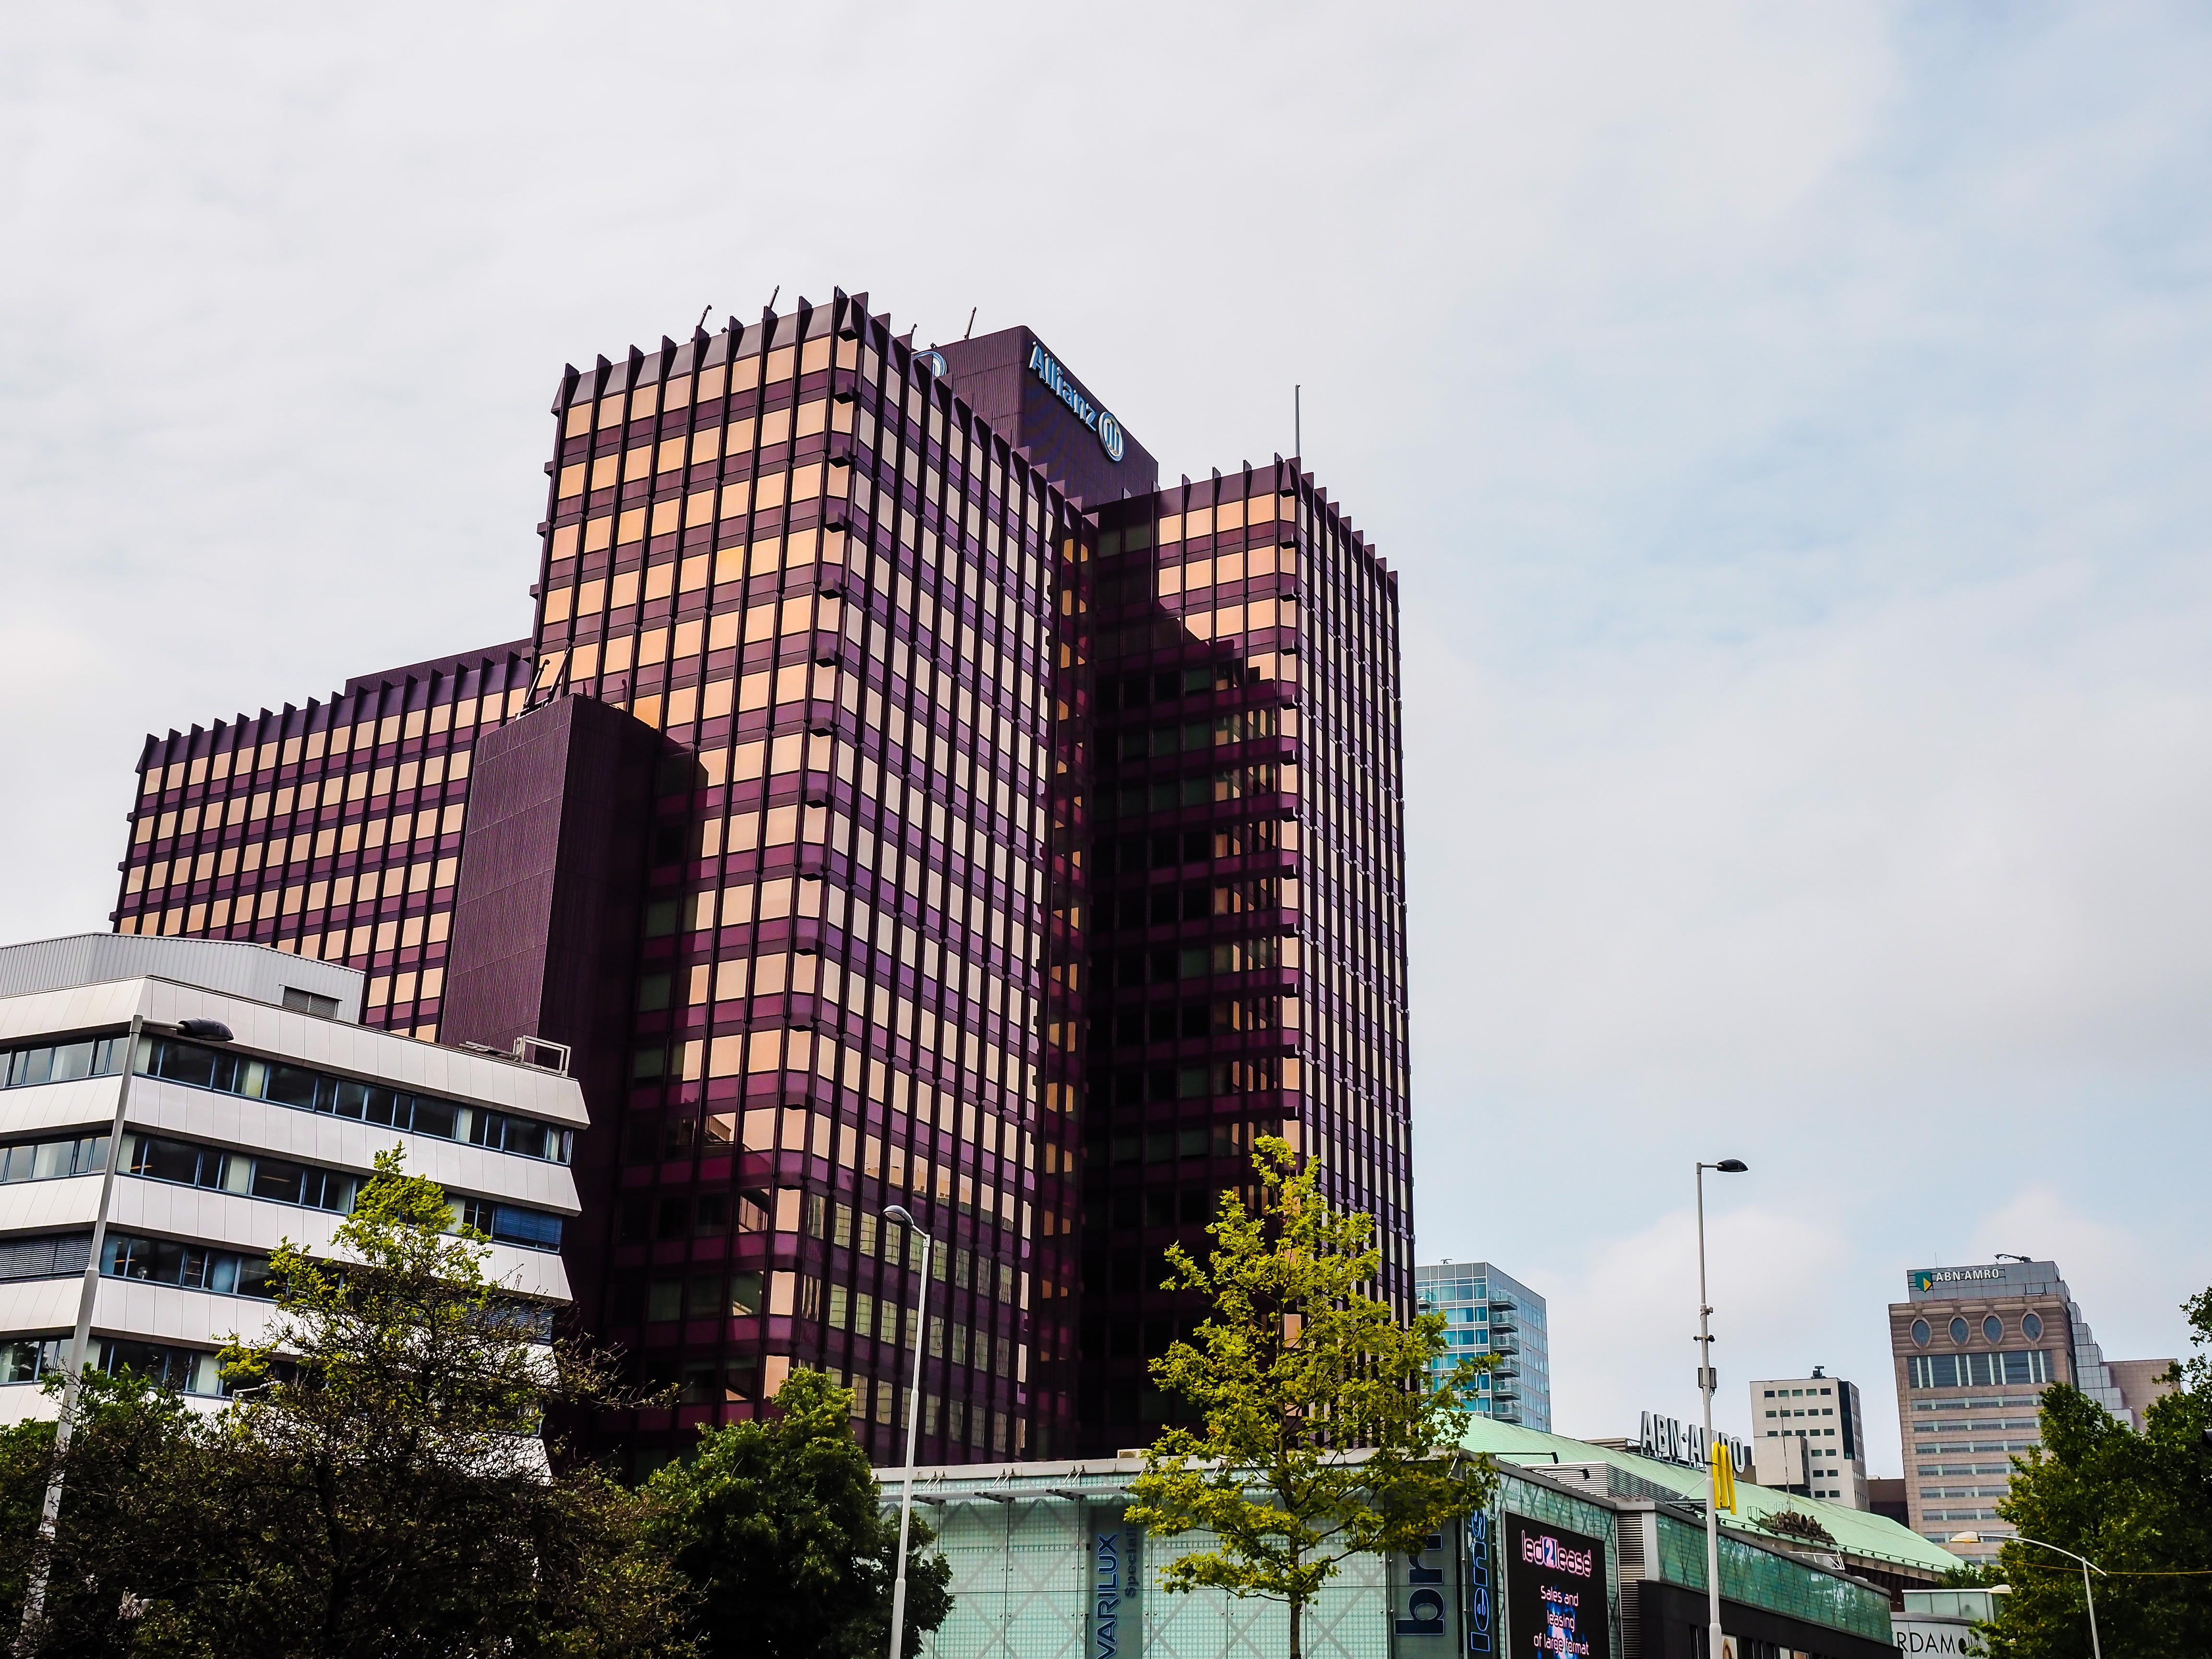 Urban_Architektur-63